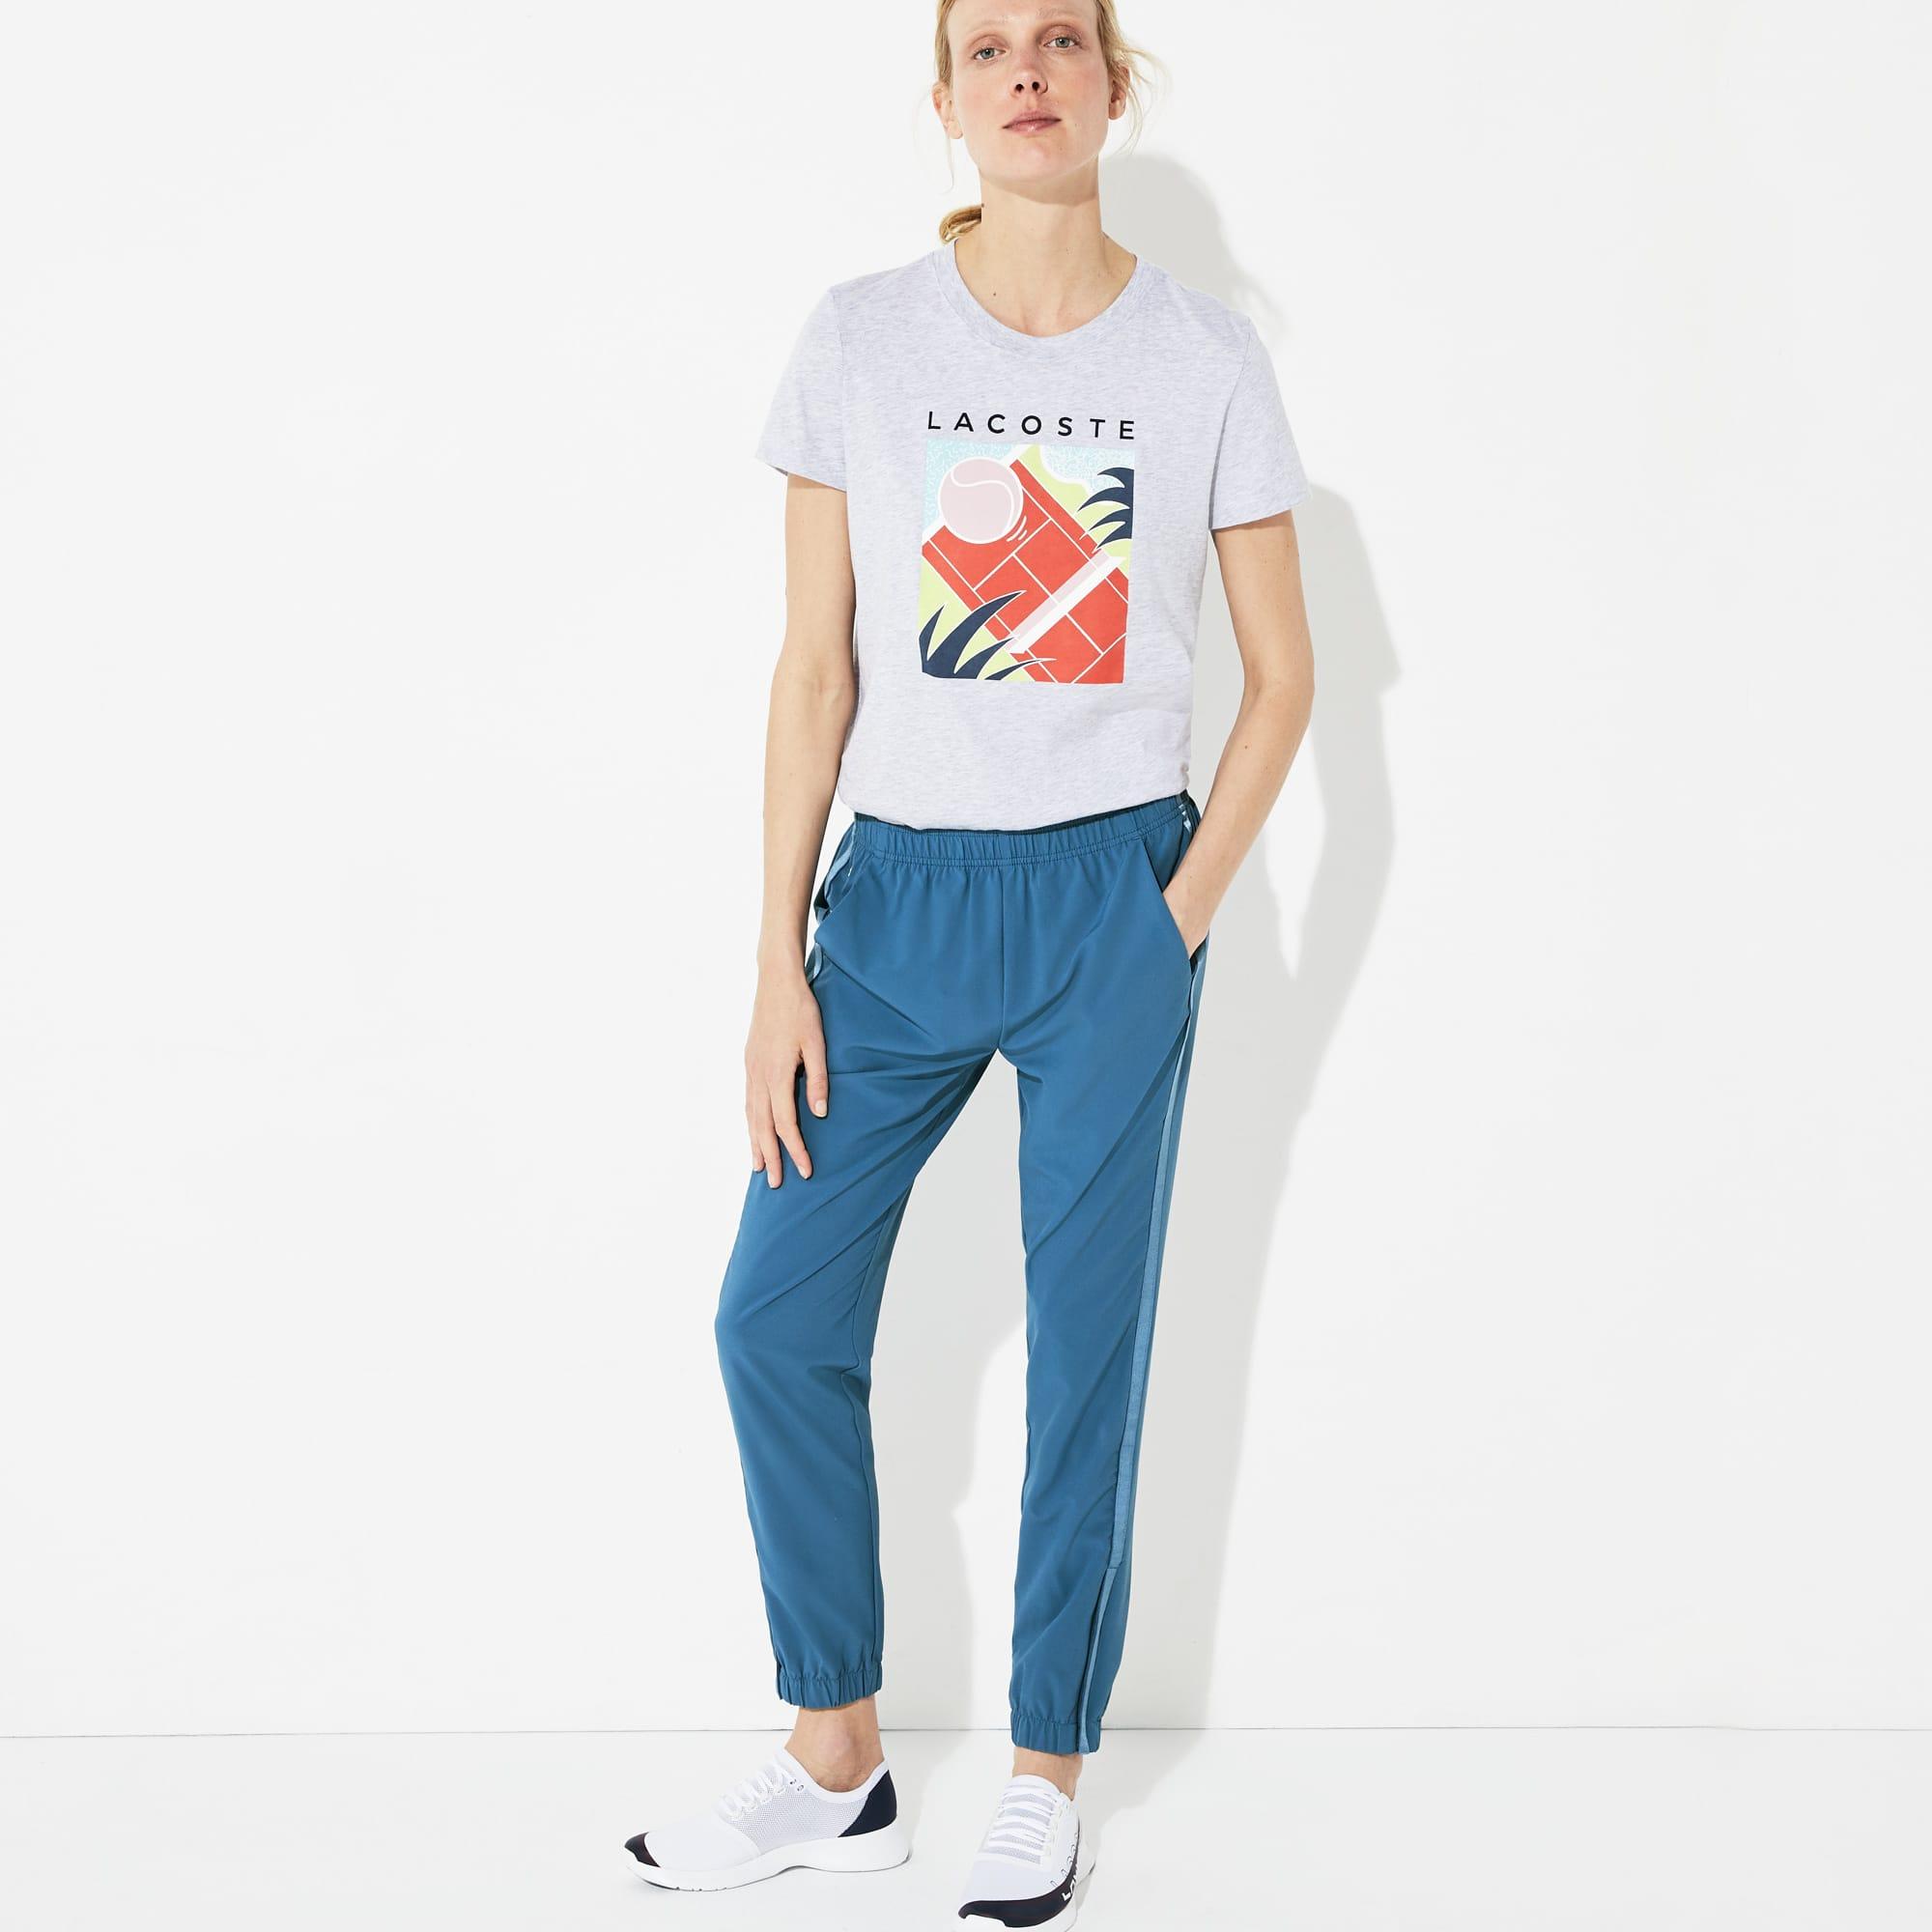 76116de2c6 Pantalon de survêtement Tennis Lacoste SPORT ultra-dry et déperlant